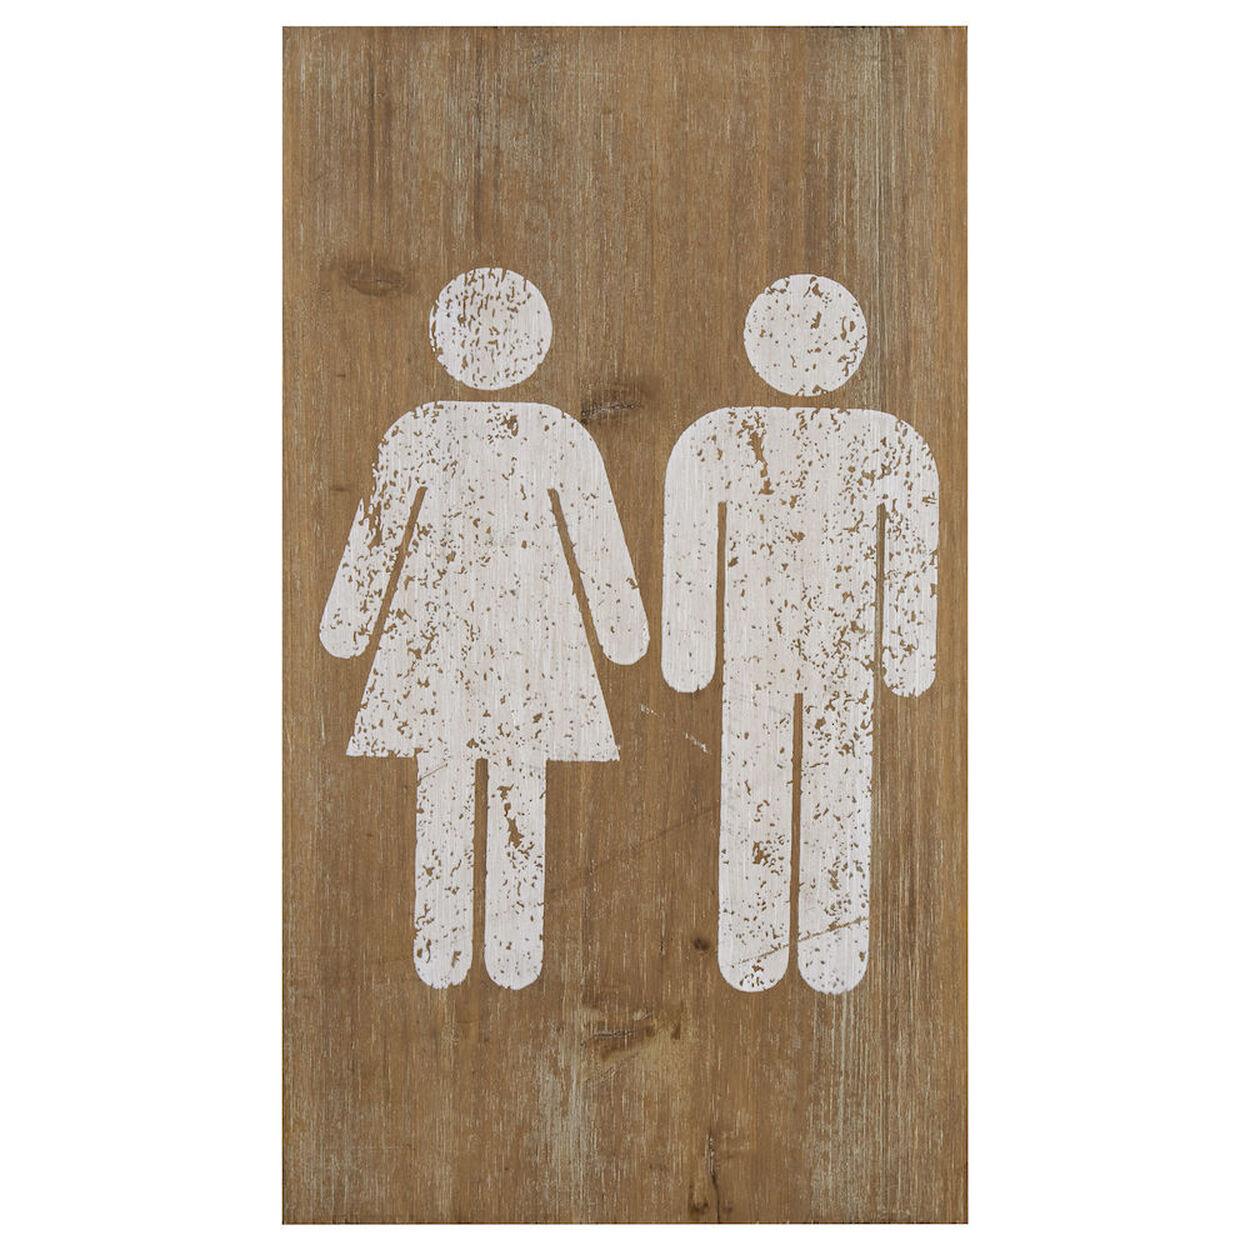 Accessoire Salle De Bain Bouclair ~ plaque murale en bois pour salle de bain bouclair com